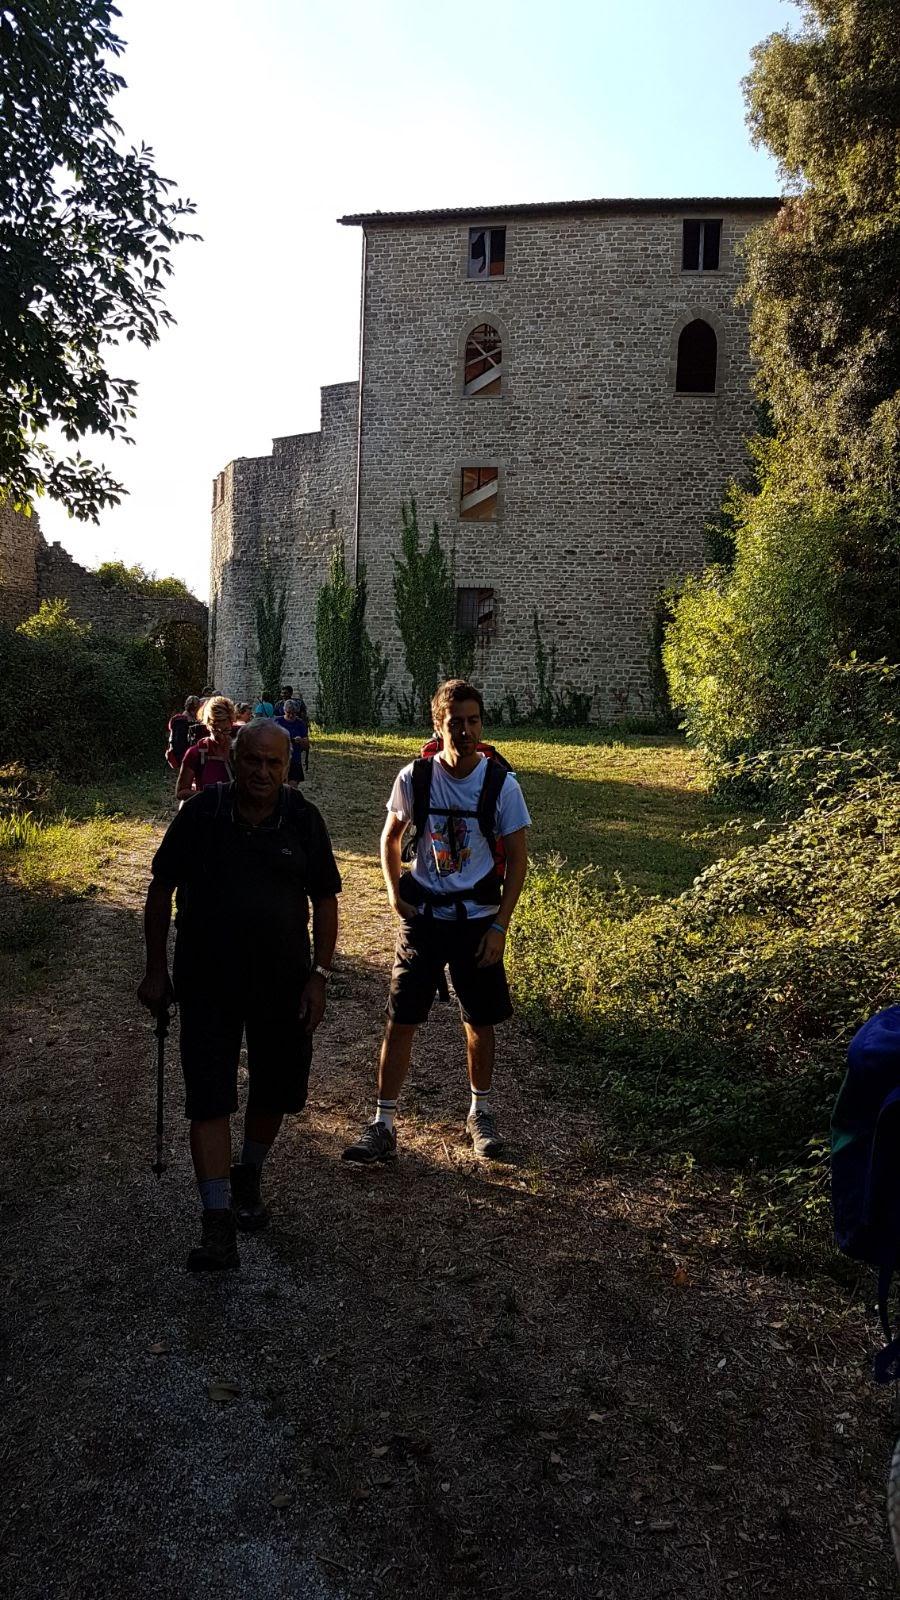 un castello abbandonato